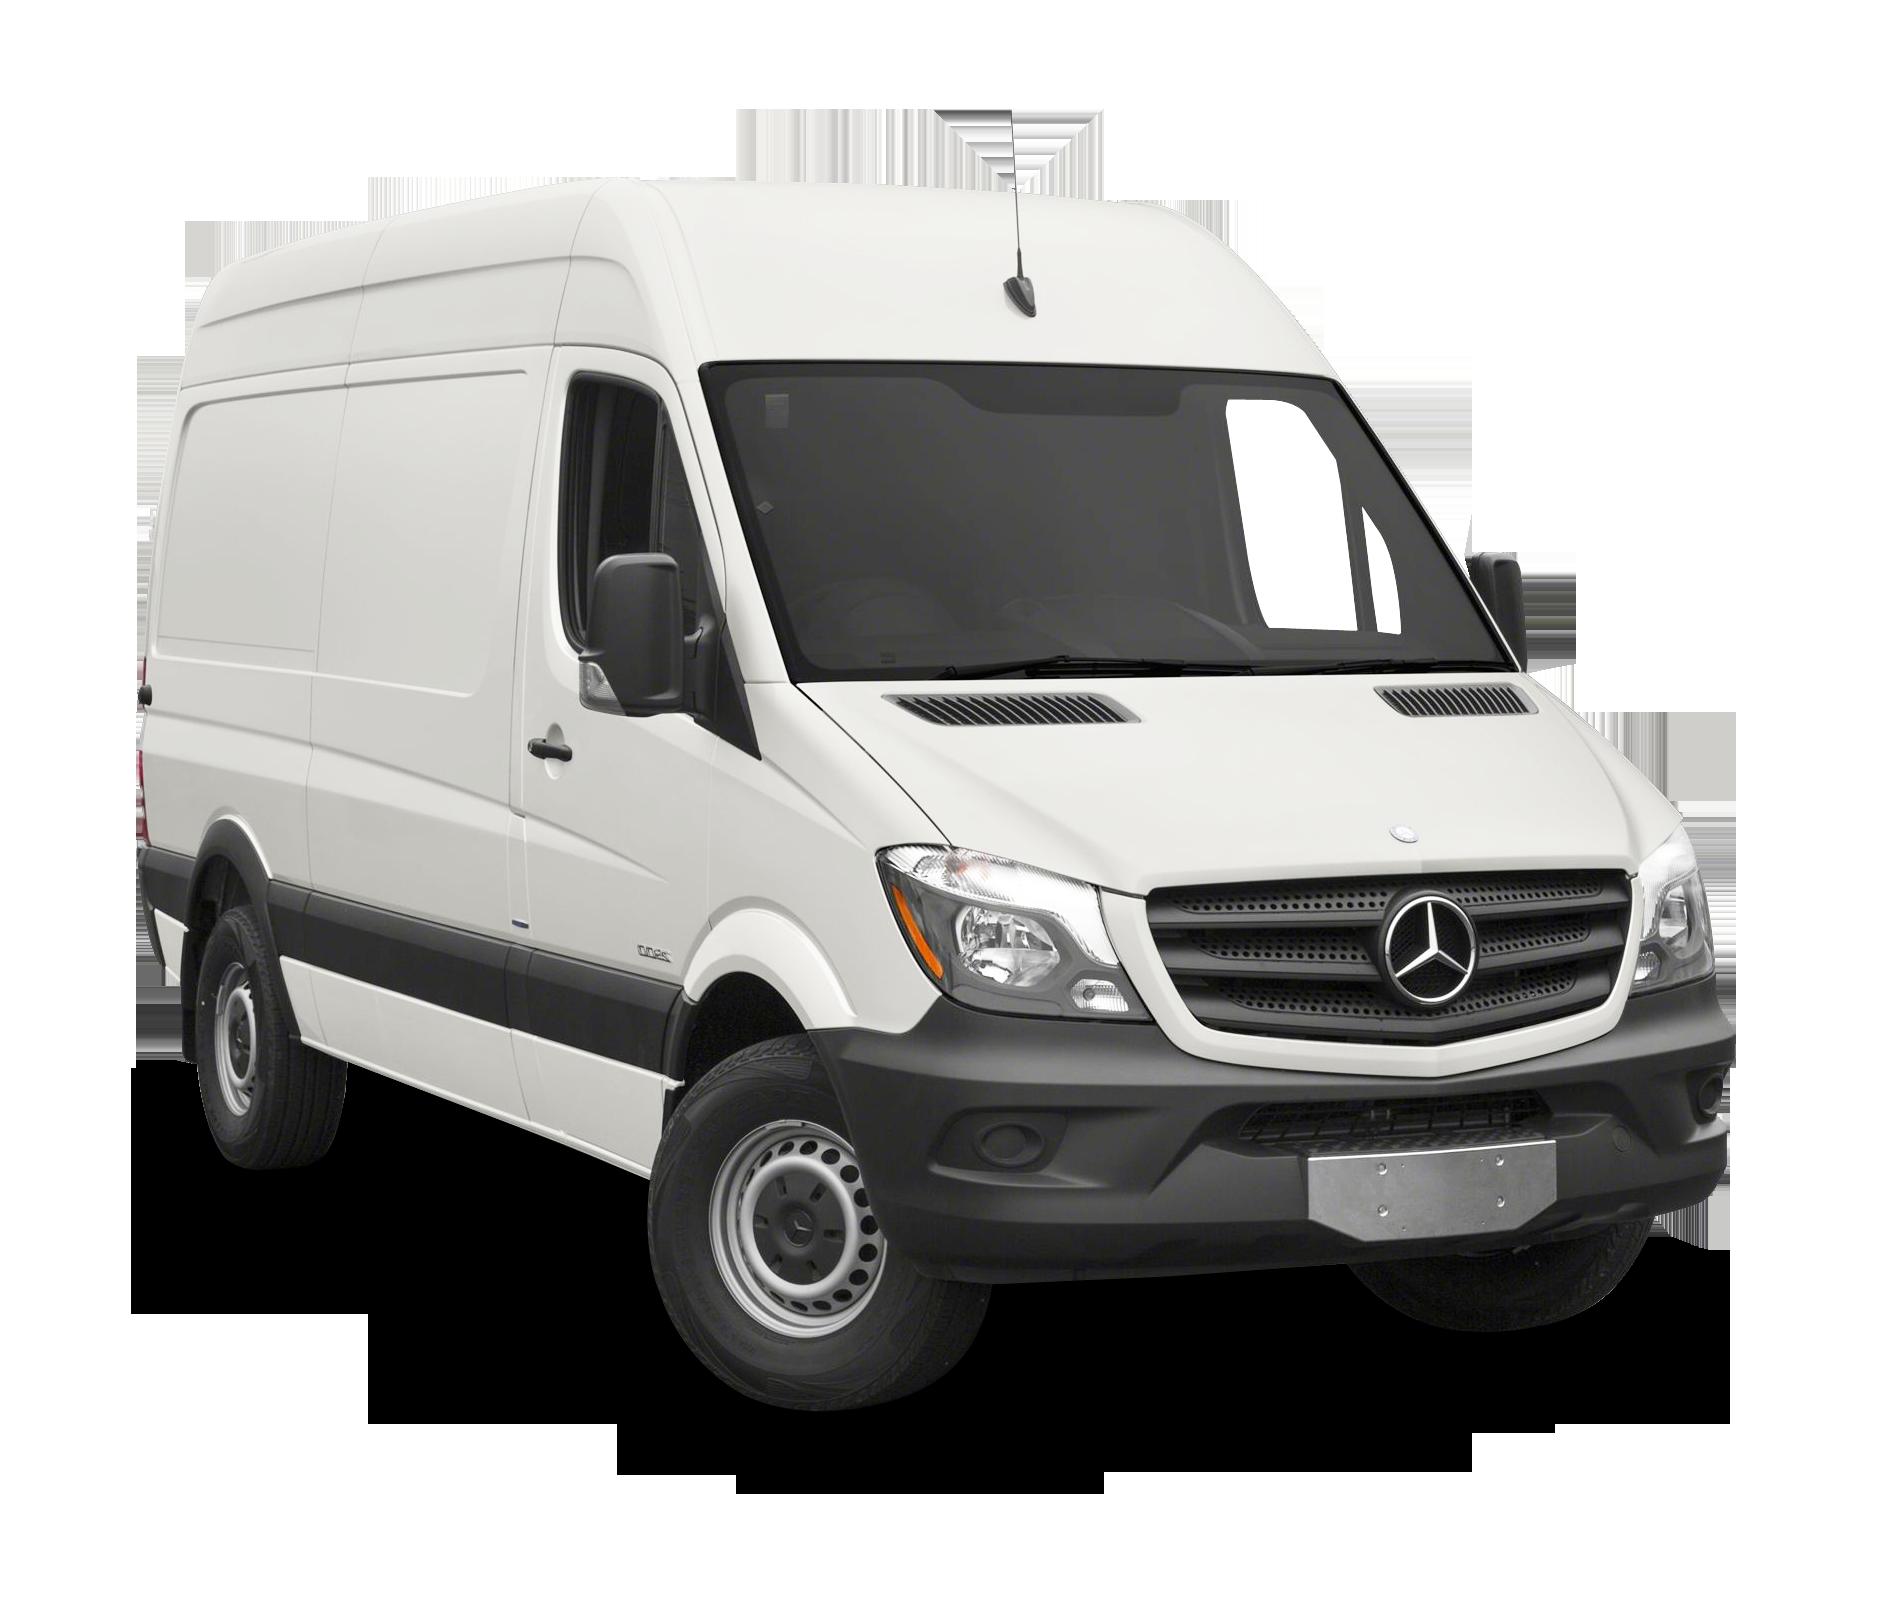 2017 Mercedes Benz Metris Worker Cargo Camshaft: Cargo Van PNG Transparent Cargo Van.PNG Images.